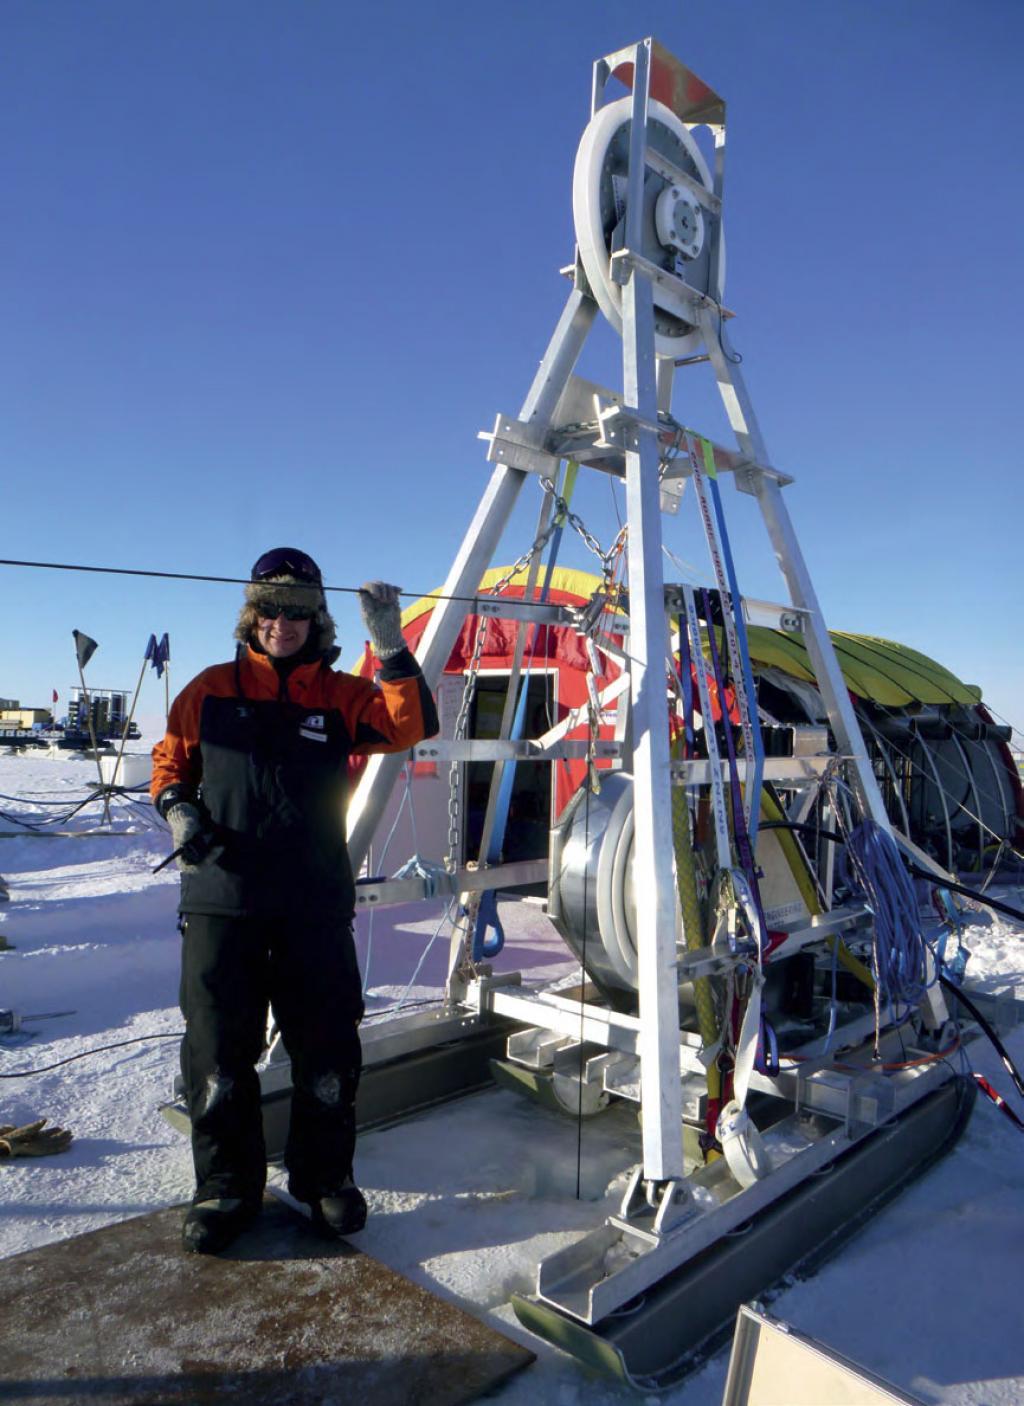 रॉस आइस शेल्फ के शिखर पर लगा फील्ड कैंप। टीम में बर्फ में ड्रिल करने के लिए हॉट वाटर जेट का इस्तेमाल